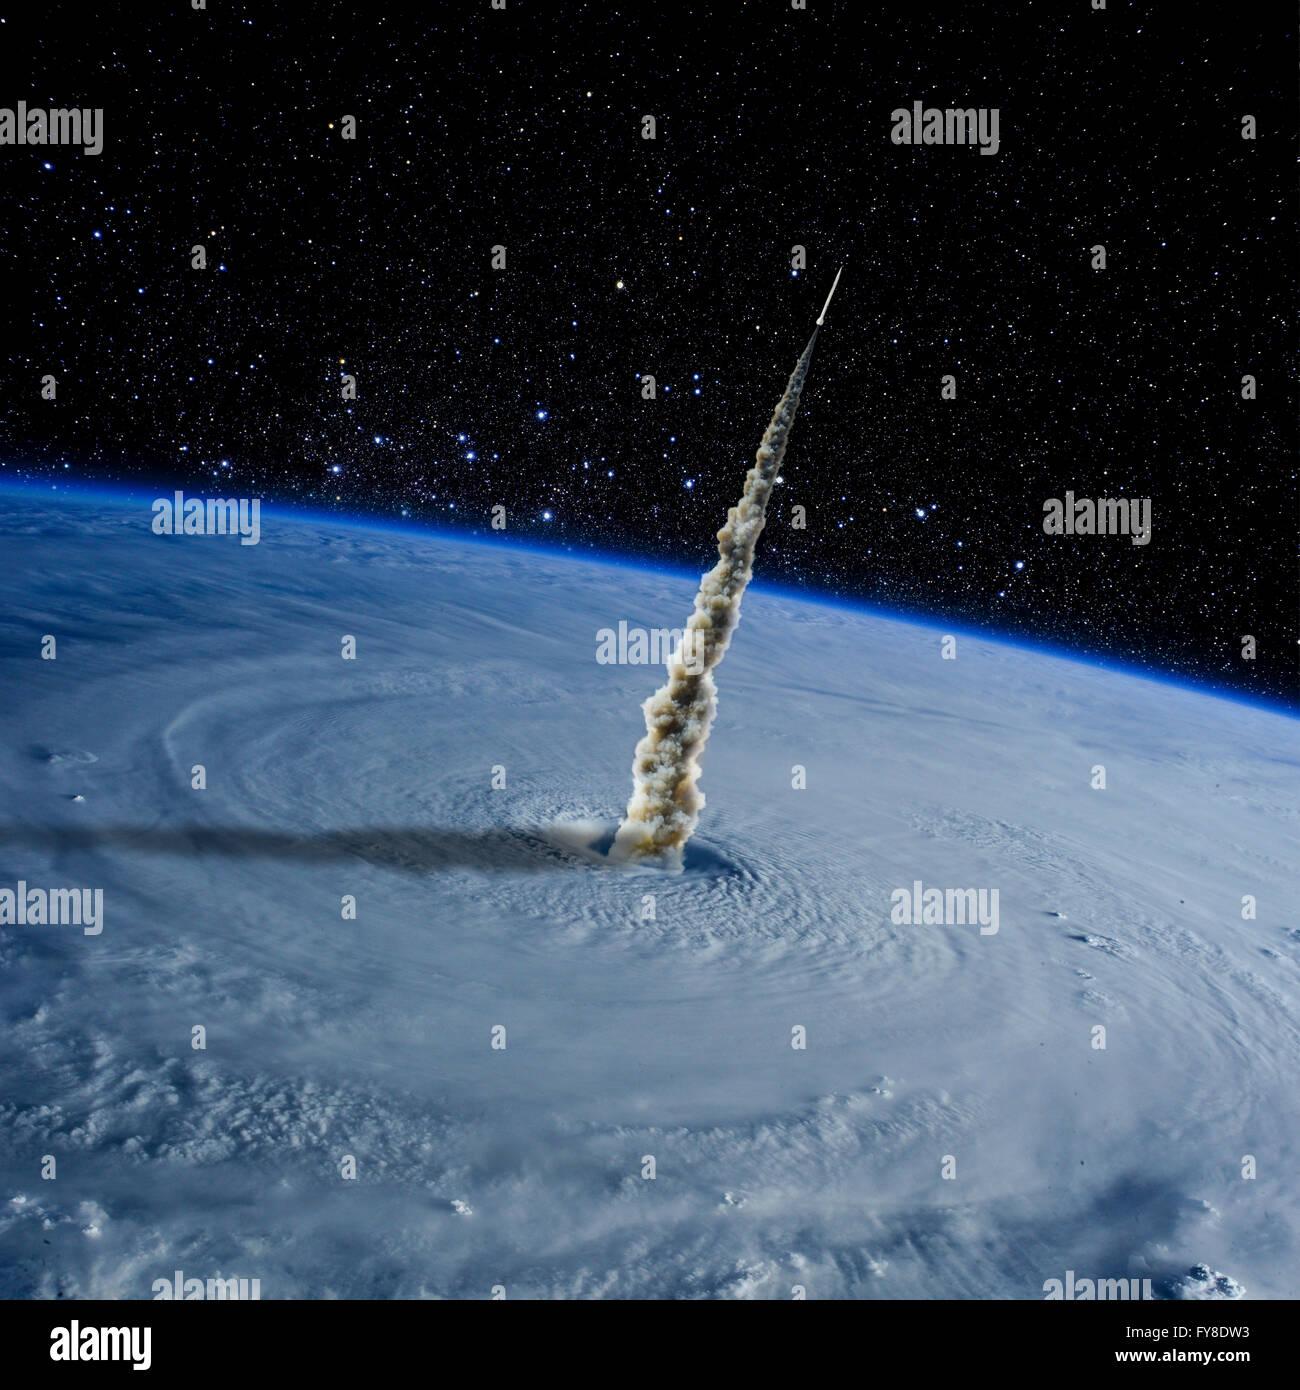 La planète Terre depuis l'espace. Éléments de cette image fournie par la NASA Photo Stock